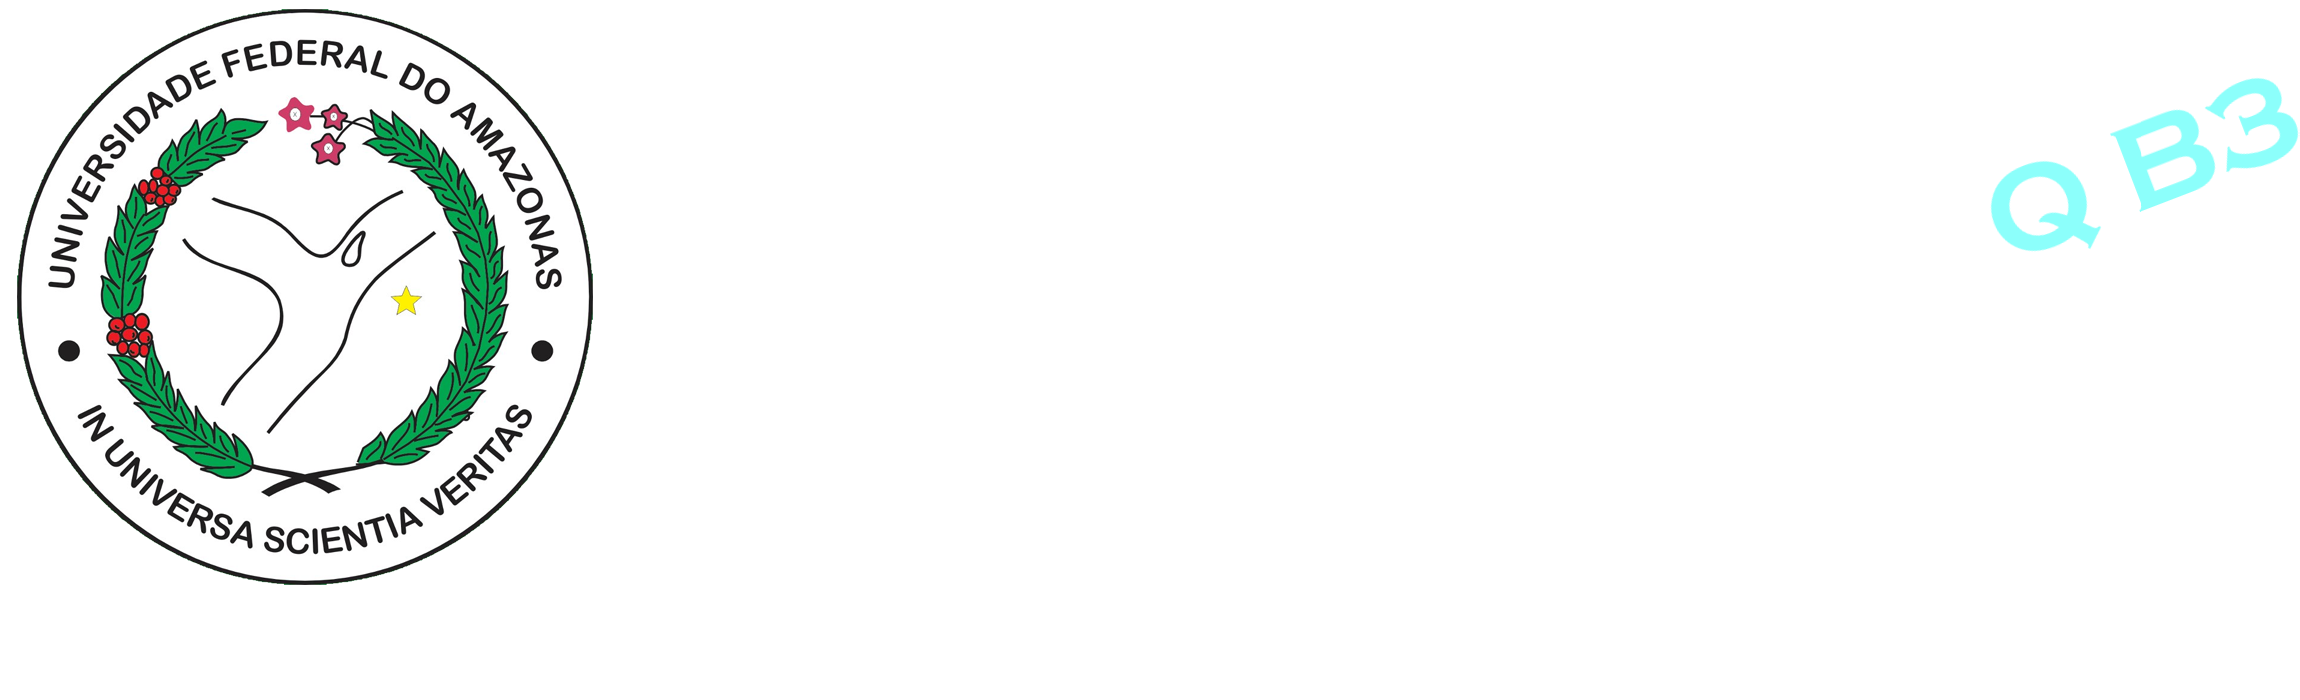 Hon No Mushi - ISSN 2526-3846